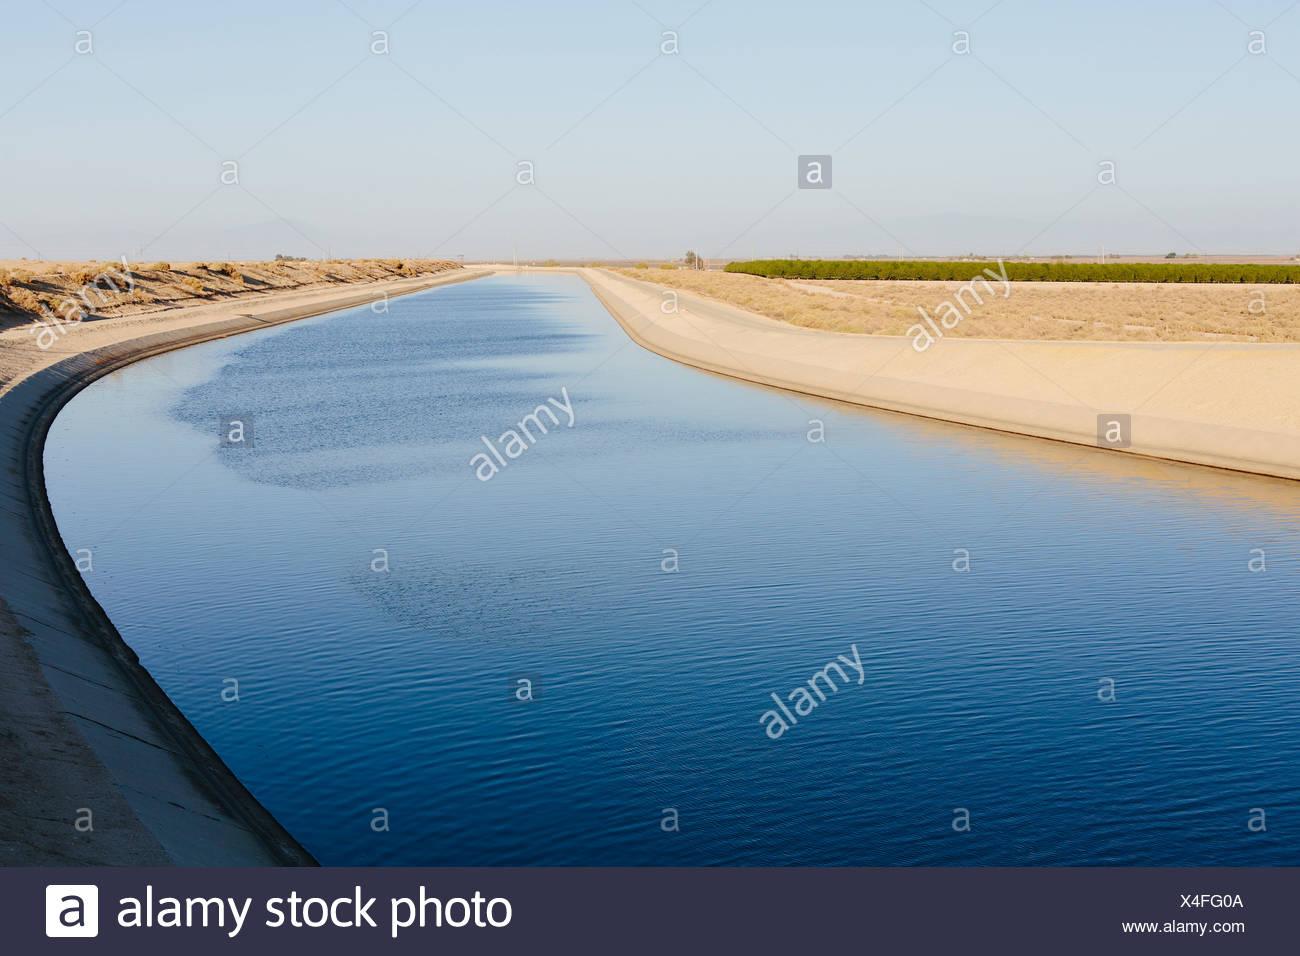 Canale di irrigazione che serve la siccità-ridden agricolo della valle centrale della California. Immagini Stock